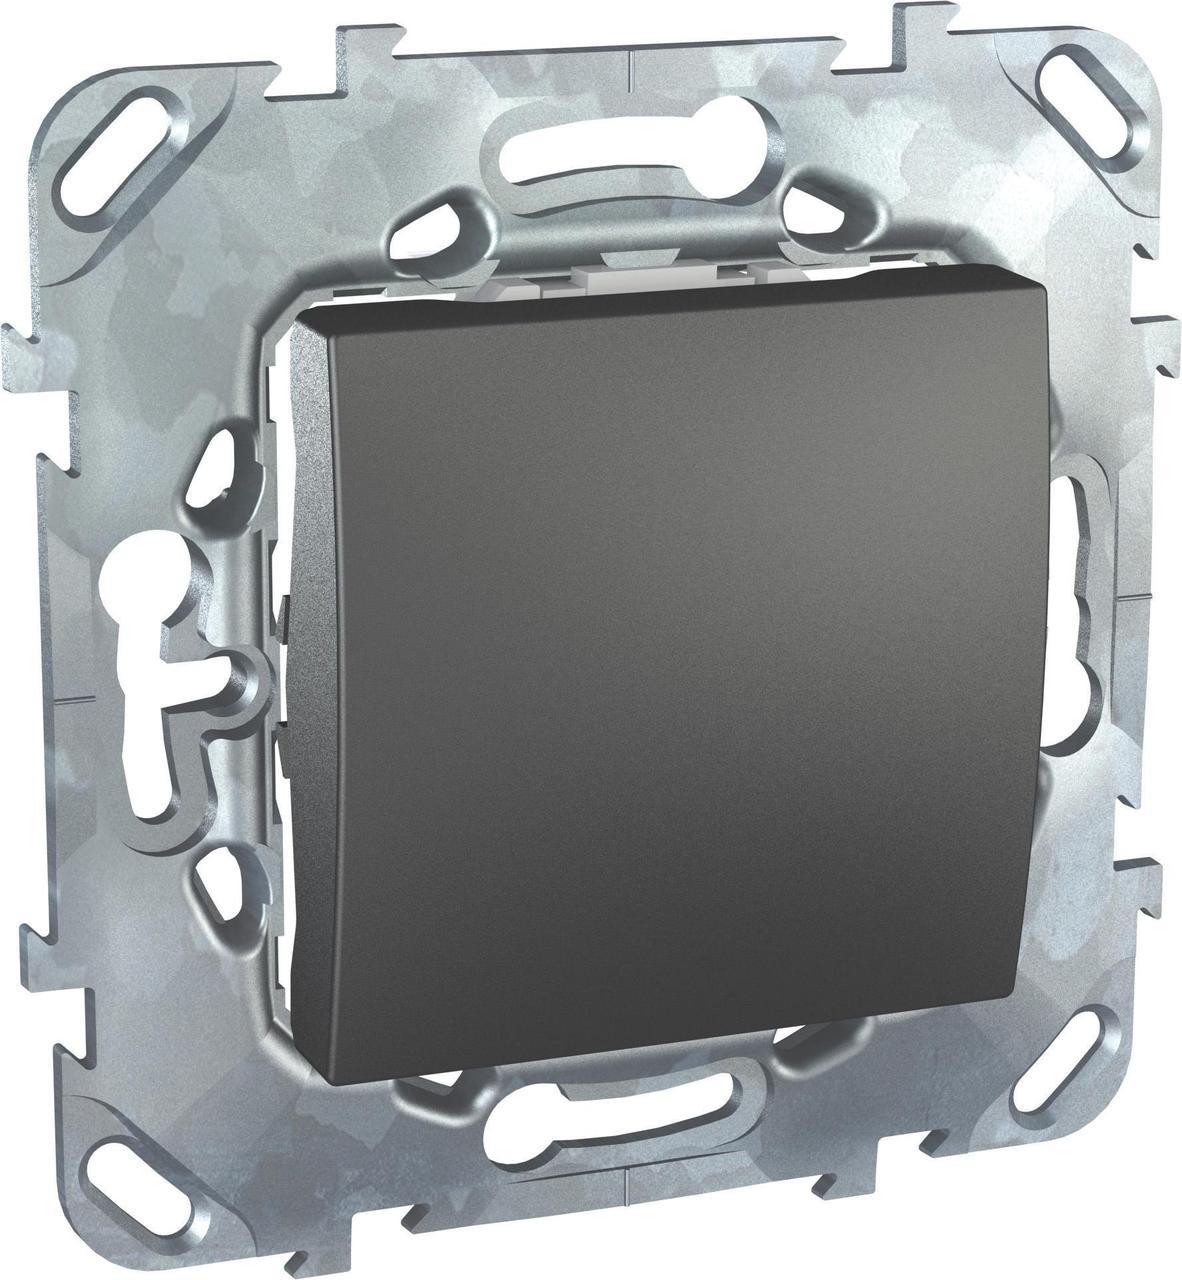 Выключатель 1-клавишный, перекрестный (с трех мест) , Графит, серия UNICA TOP/CLASS, Schneider Electric